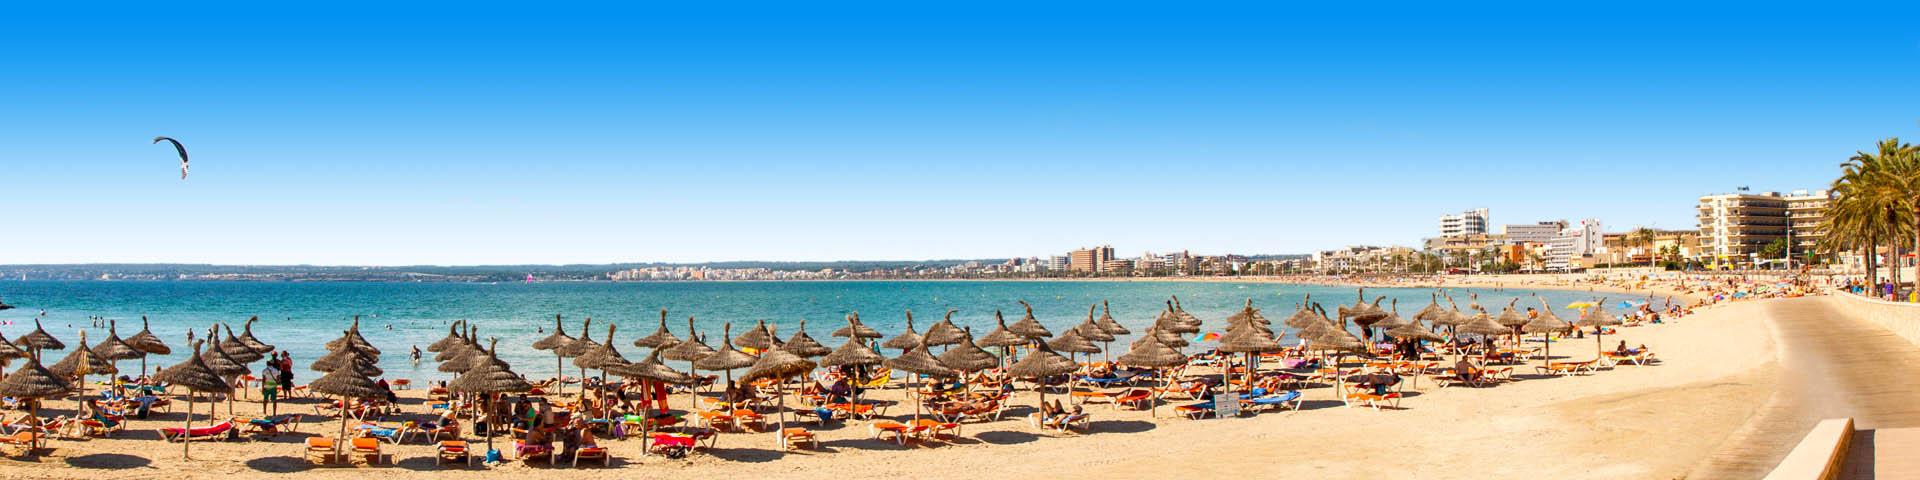 Ligbedjes met parasols op het strand van Playa de Palma op Mallorca